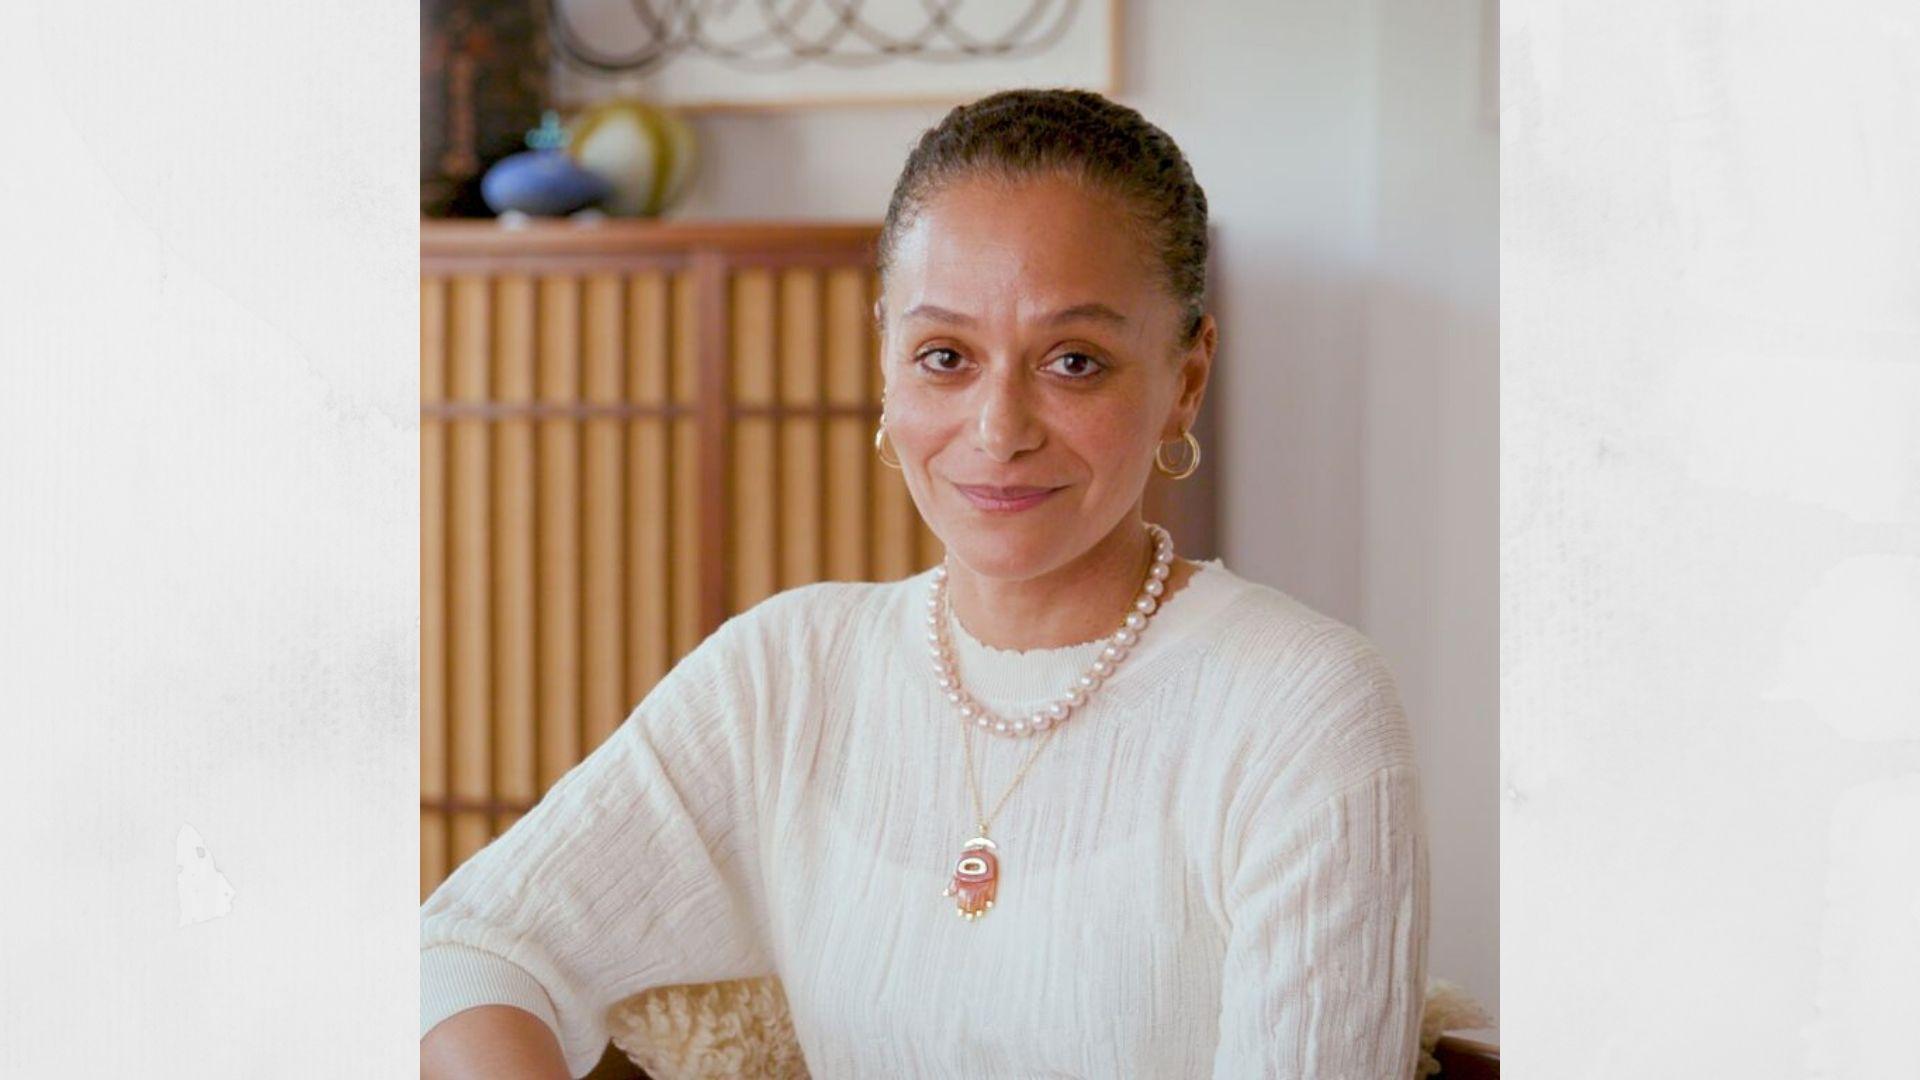 Samira Nasr (Image: Harper's Bazaar)